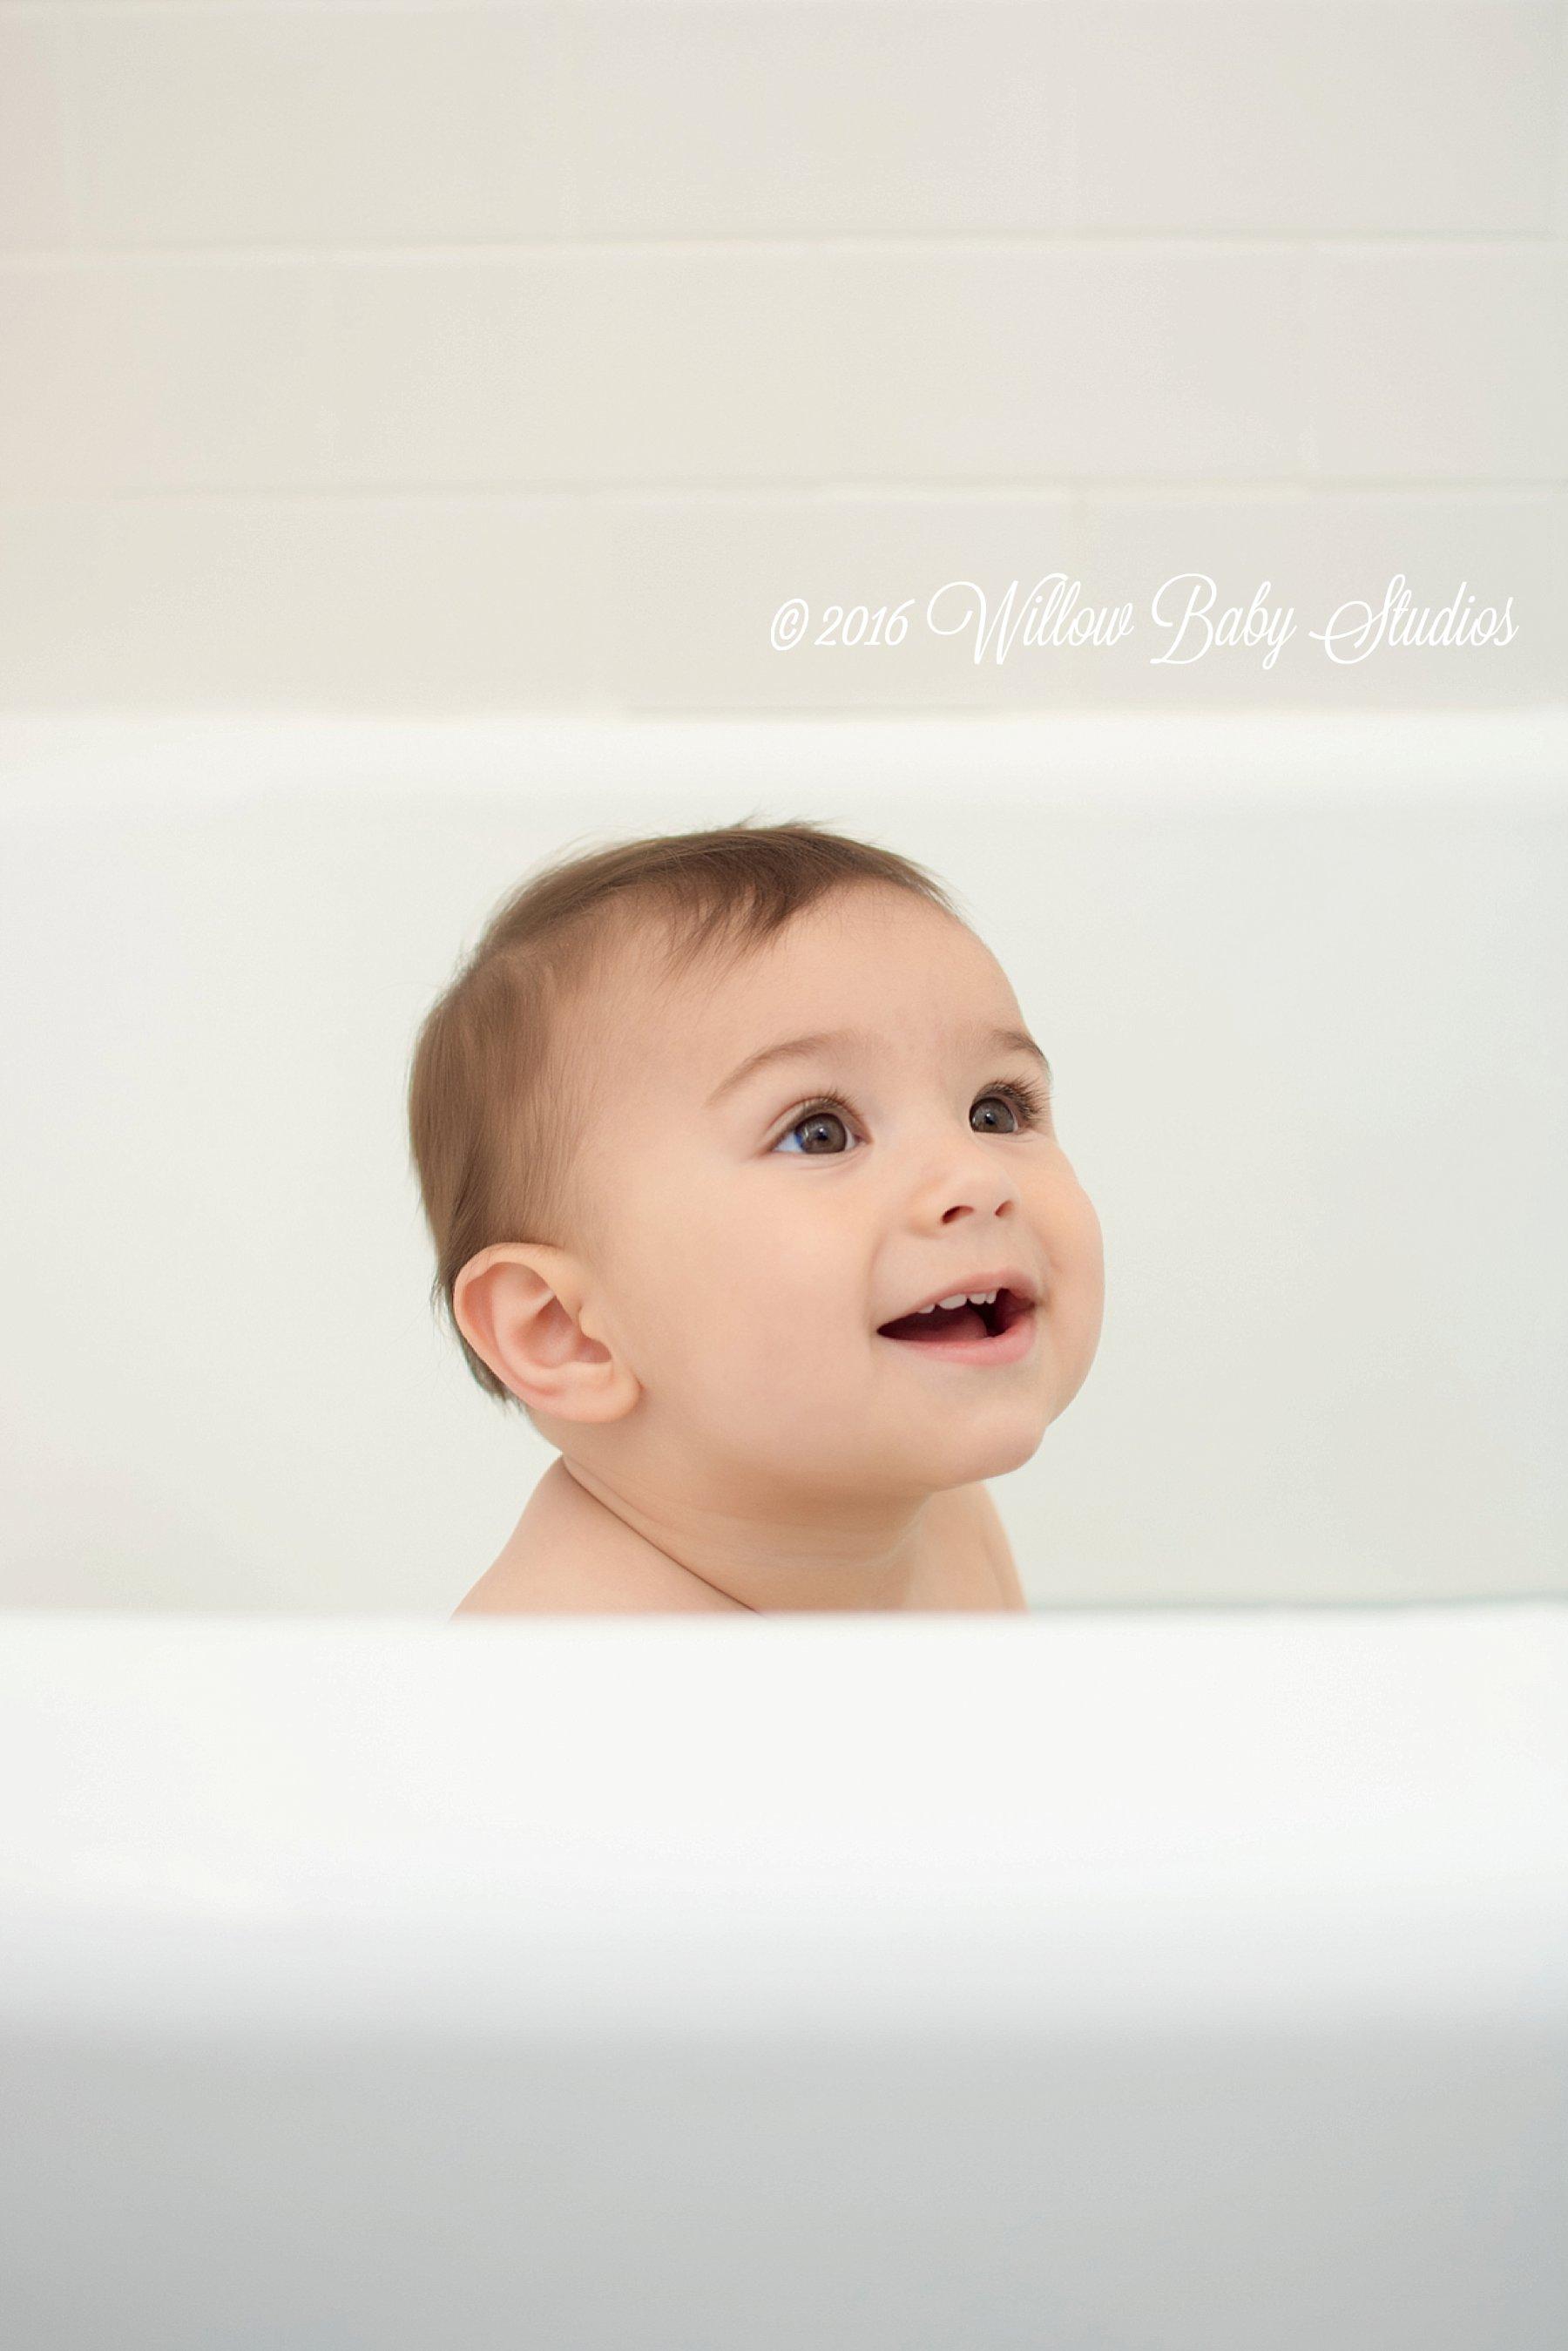 cute baby smiling in bathtub